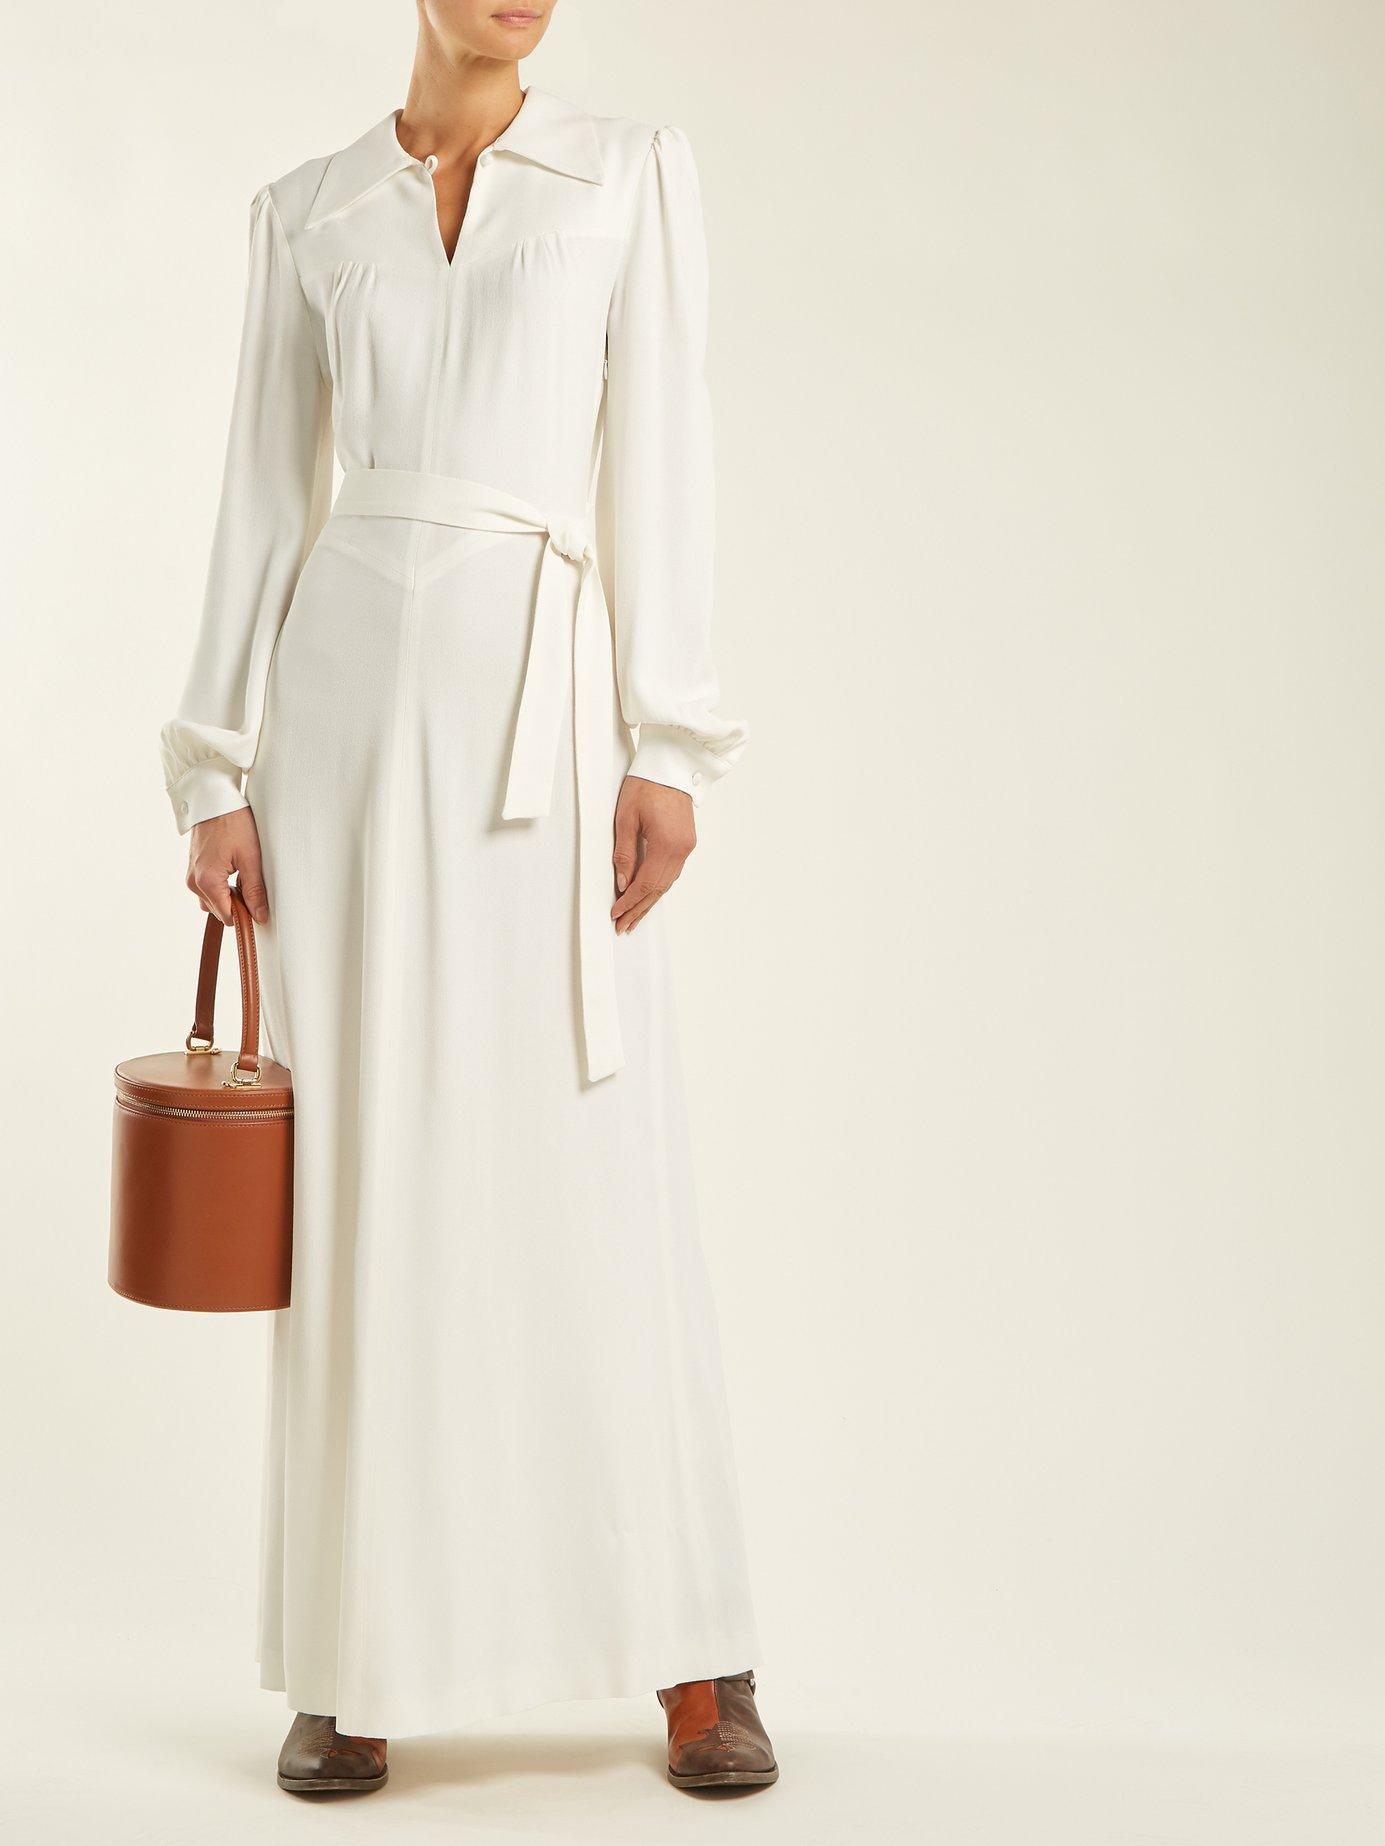 Karianne crepe dress by Bella Freud